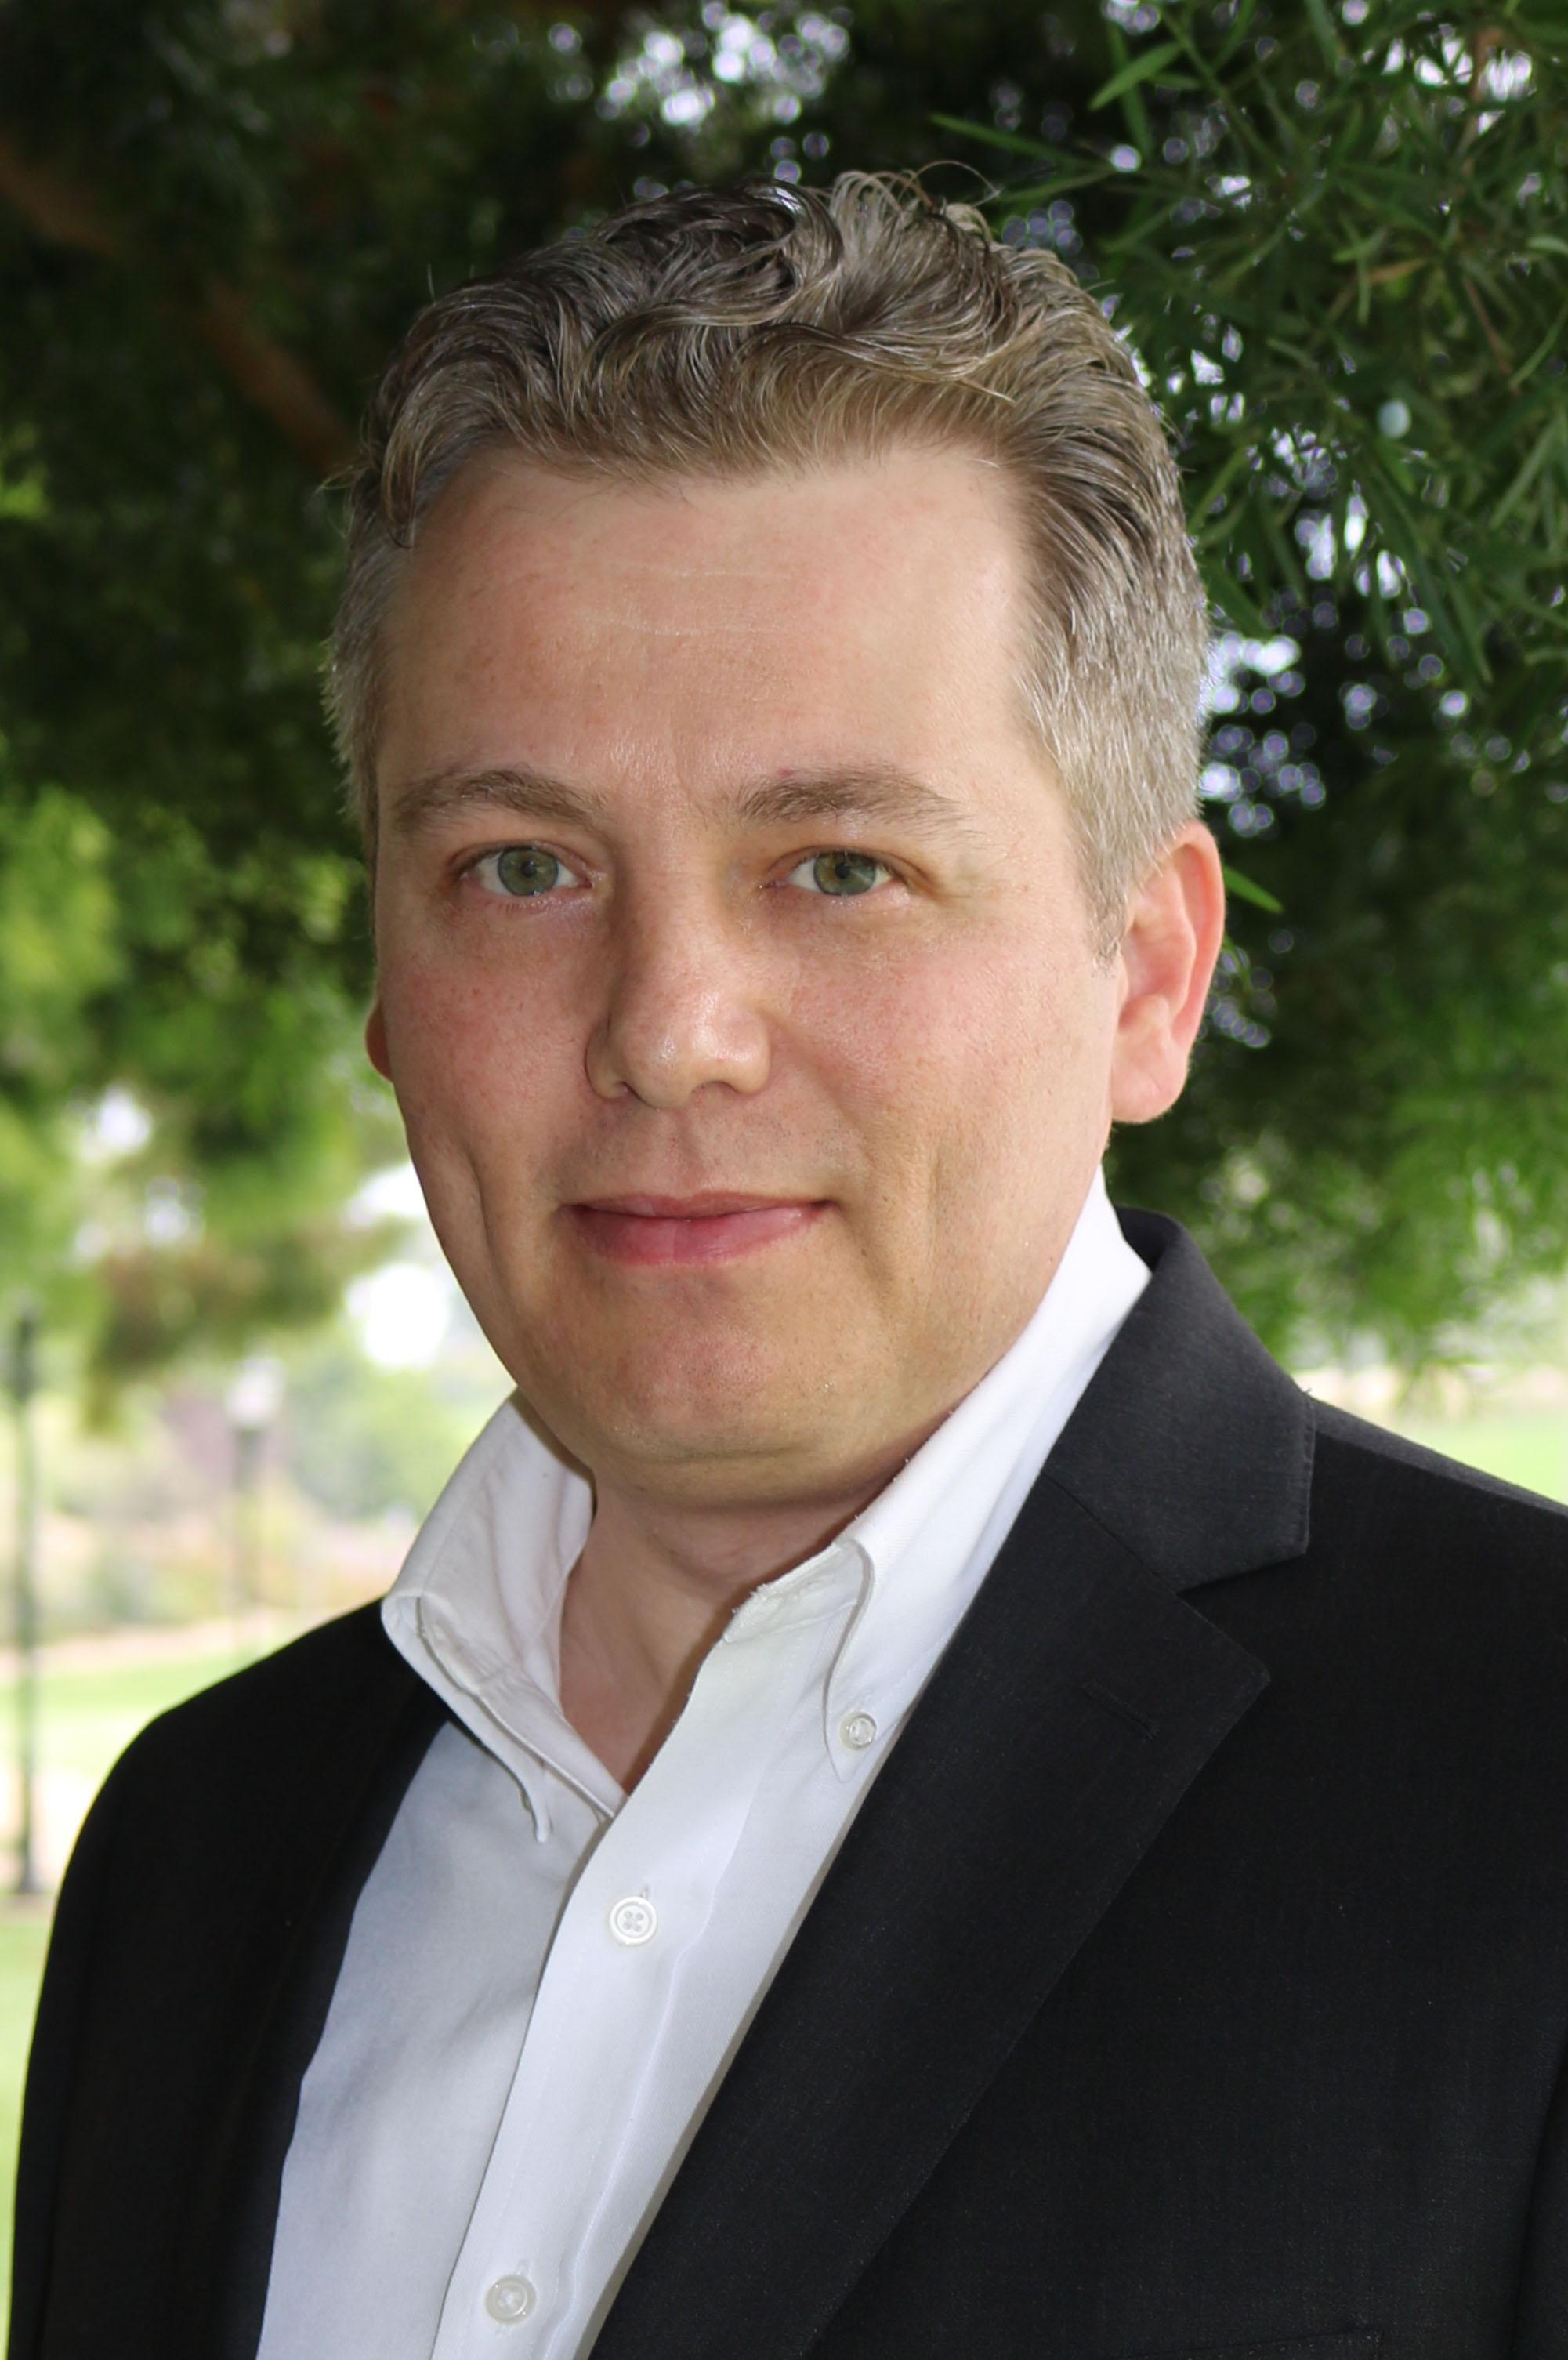 Daniel Brandenstein